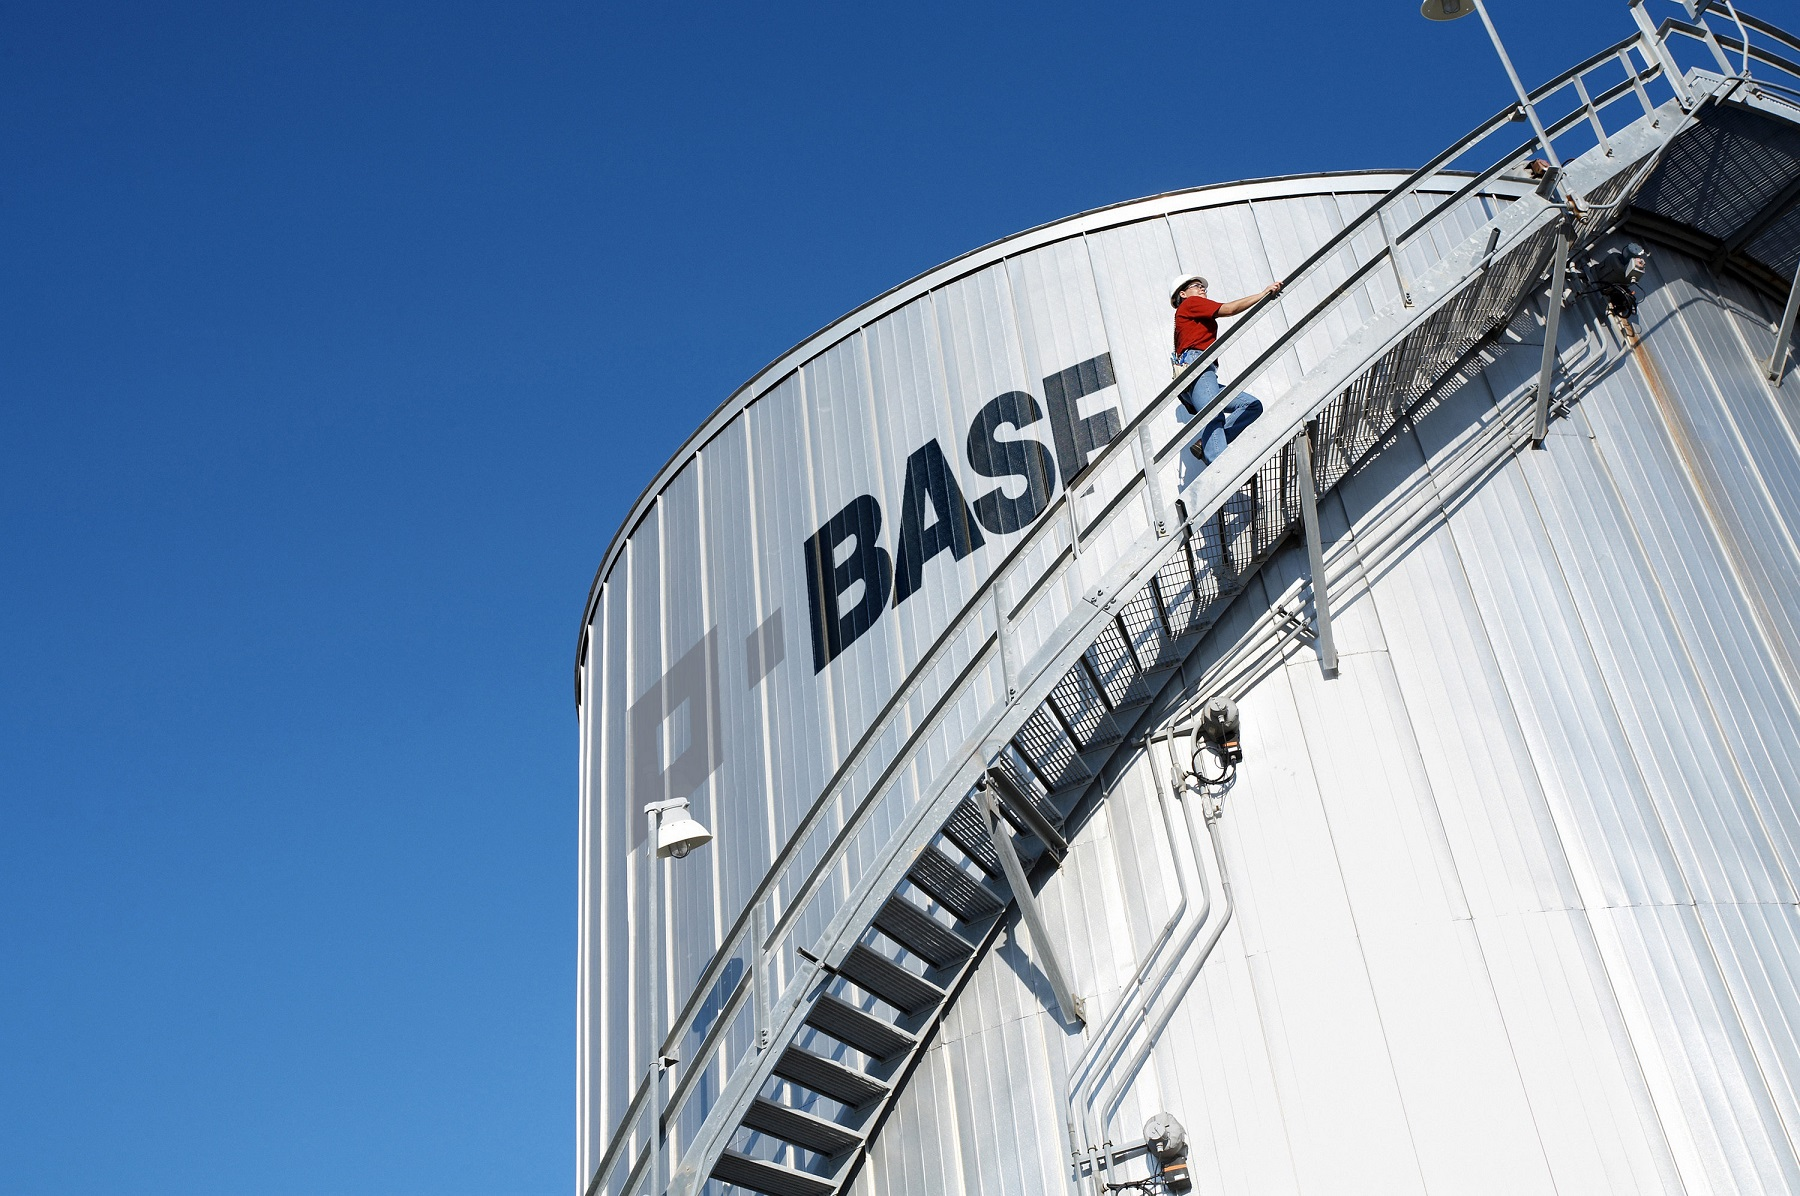 شرکت BASF،غول آلمانی صنایع شیمیایی،بلاکچین را در راهکارهای زنجیرهی تأمین میآزماید.